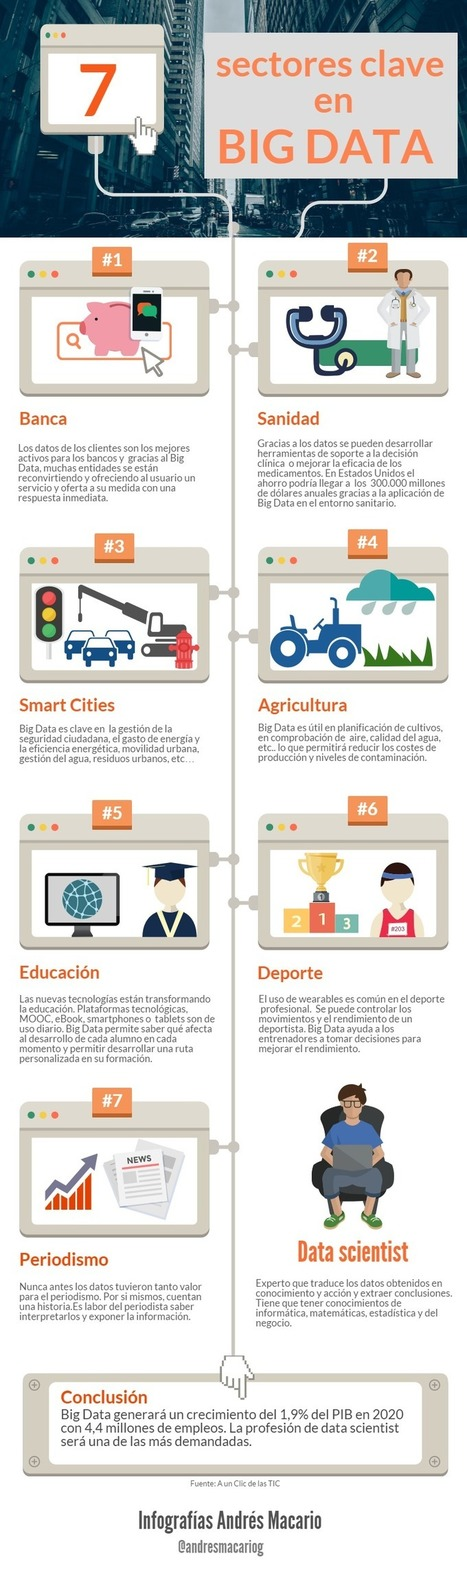 7 sectores clave en Big Data #infografia #infographic   Redes sociales y Social Media   Scoop.it